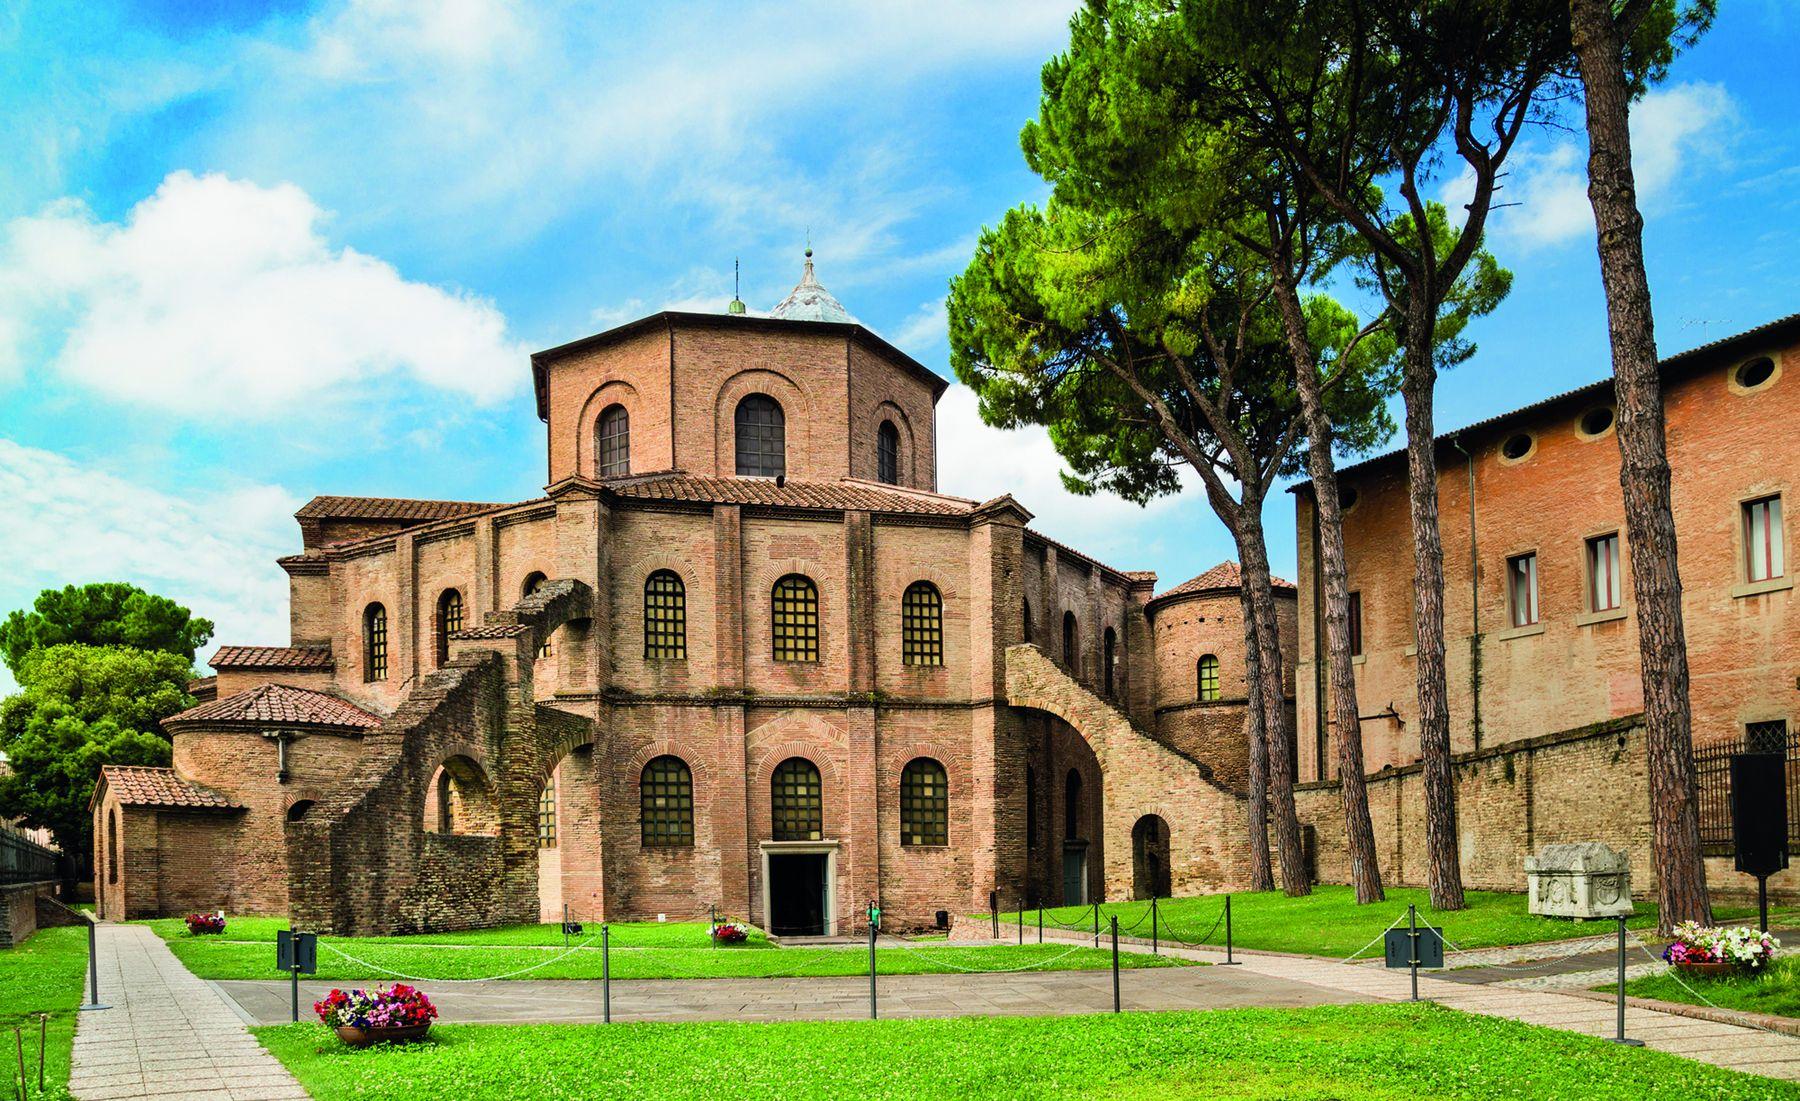 Ravenna iStock 526446097 web